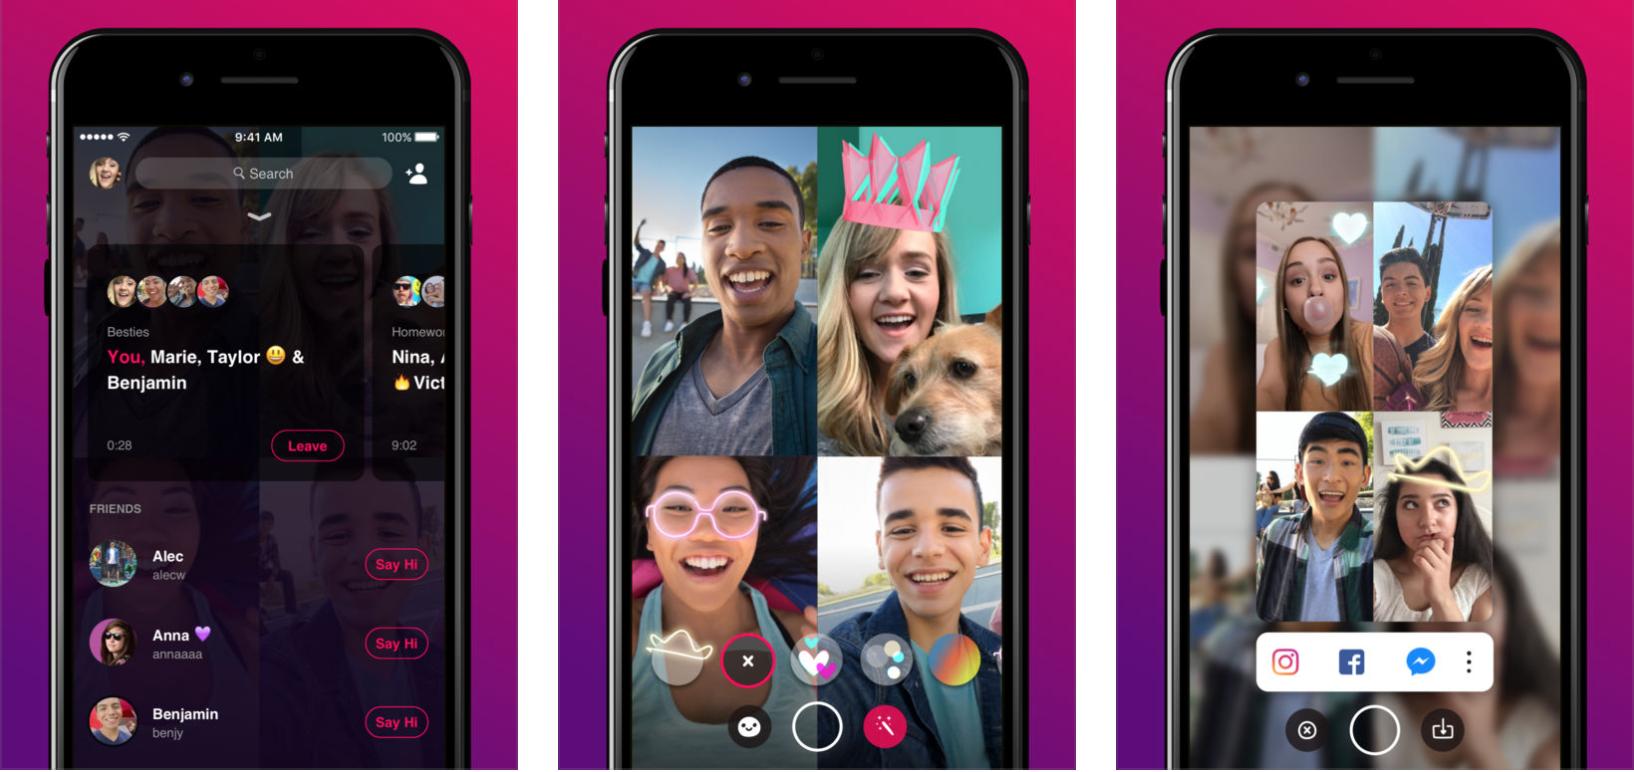 Bonfire tinder app dating